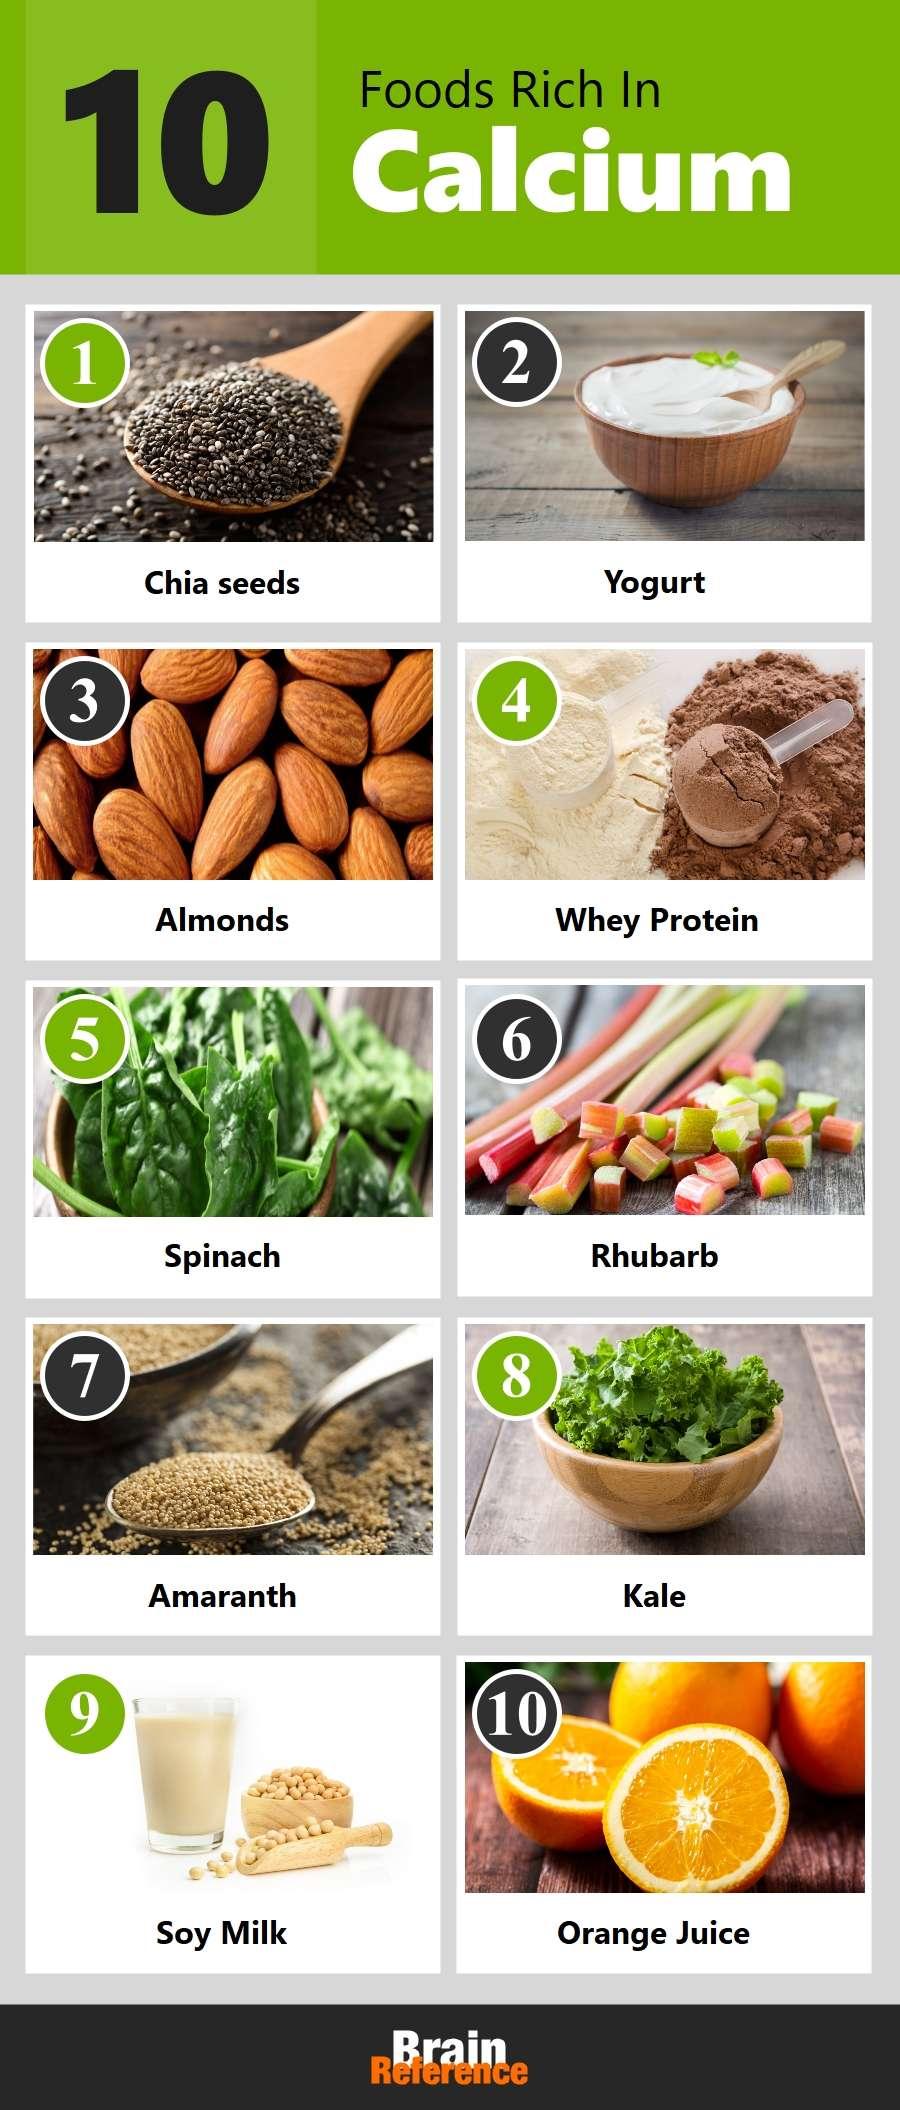 Min-Tran-Standard-Process-Foods-Rich-In-Calcium